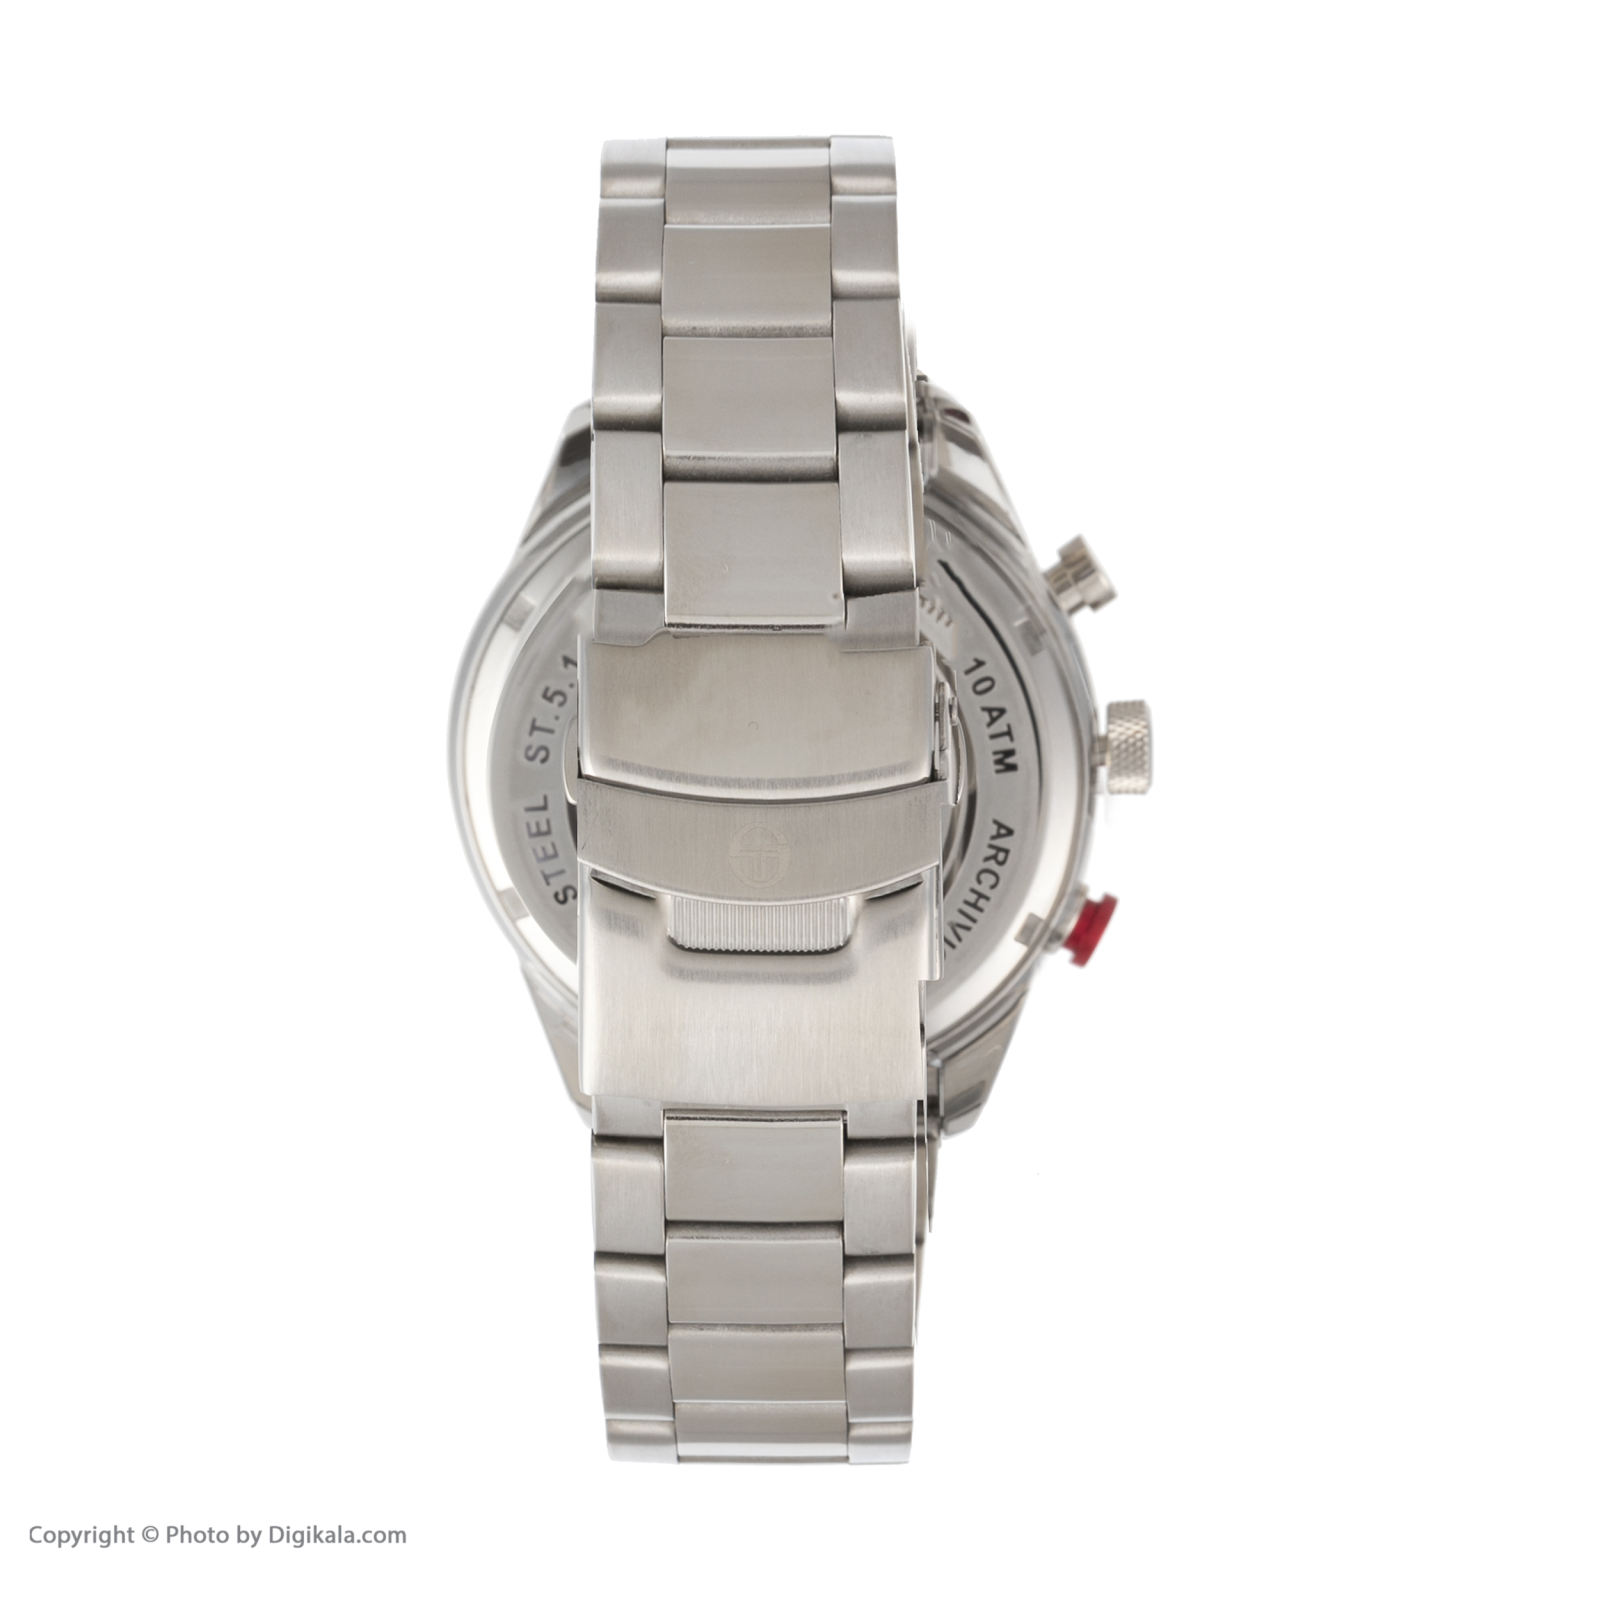 ساعت مچی عقربه ای مردانه سرجیو تاچینی مدل ST.5.147.04 -  - 2